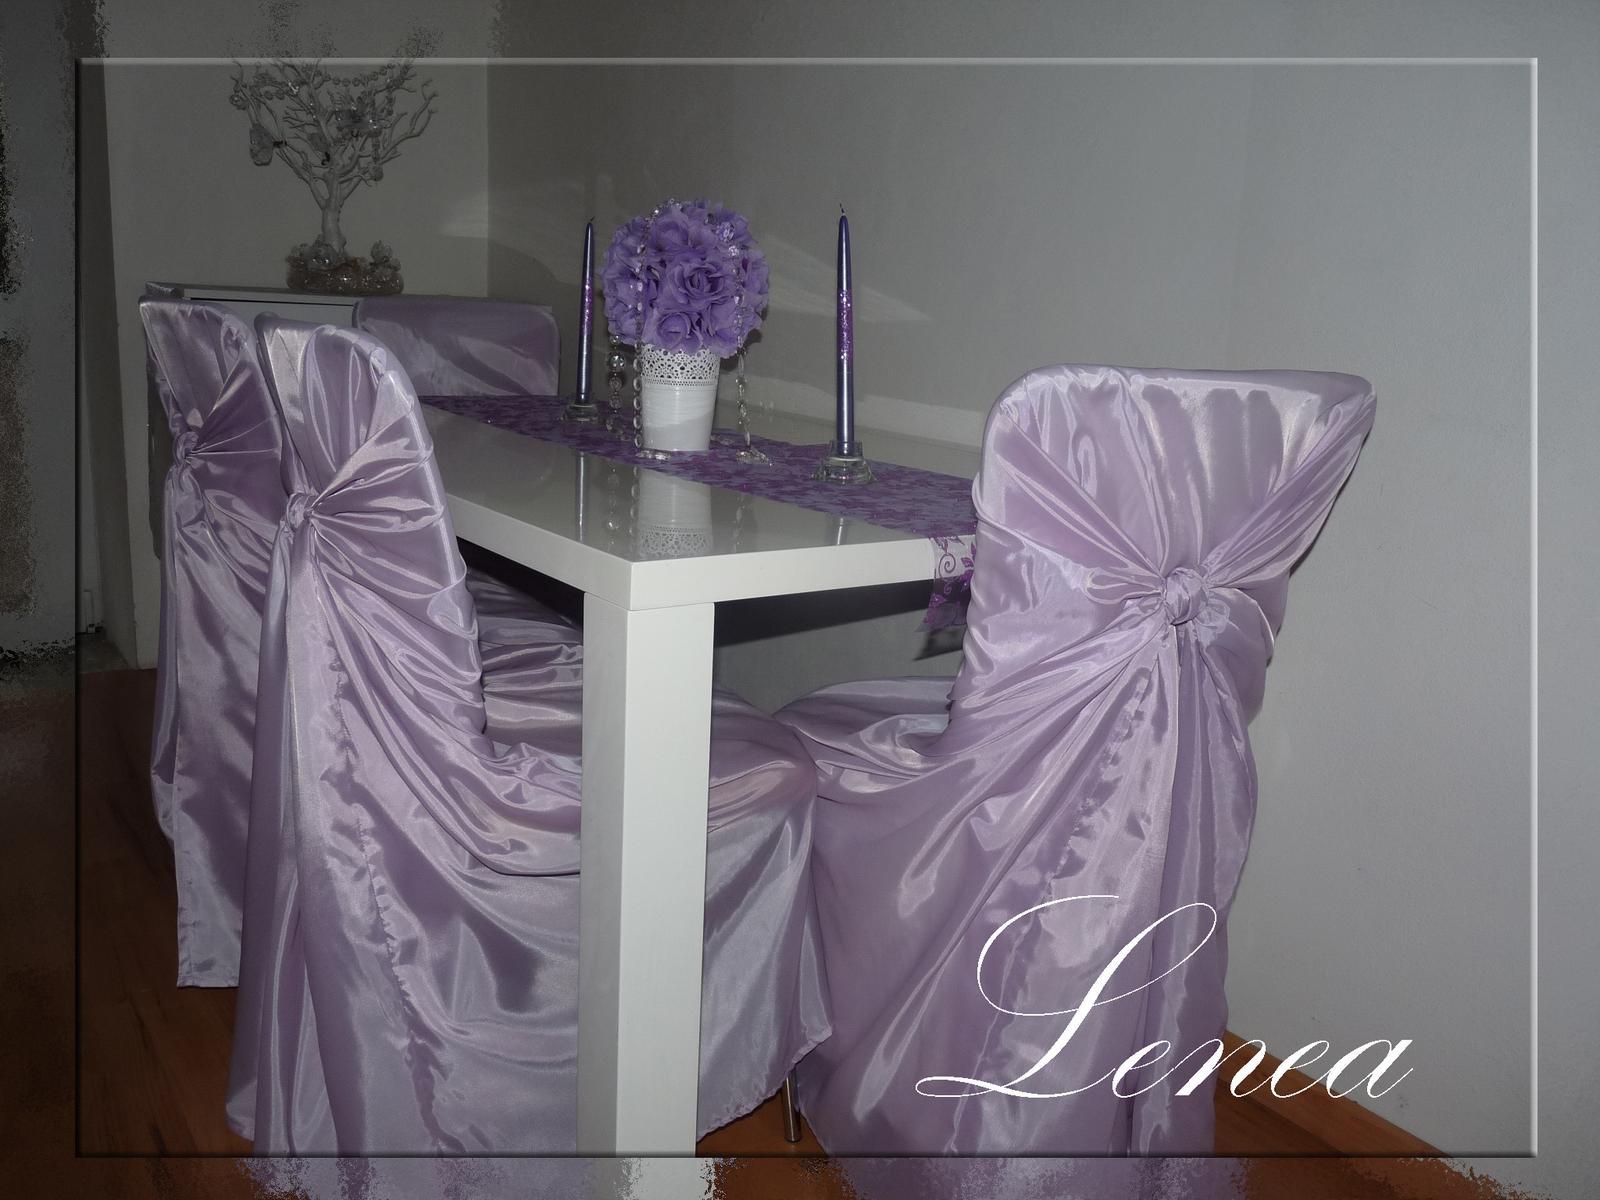 Svatební potahy na židle-zapůjčení,prodej i šití na míru - Obrázek č. 4